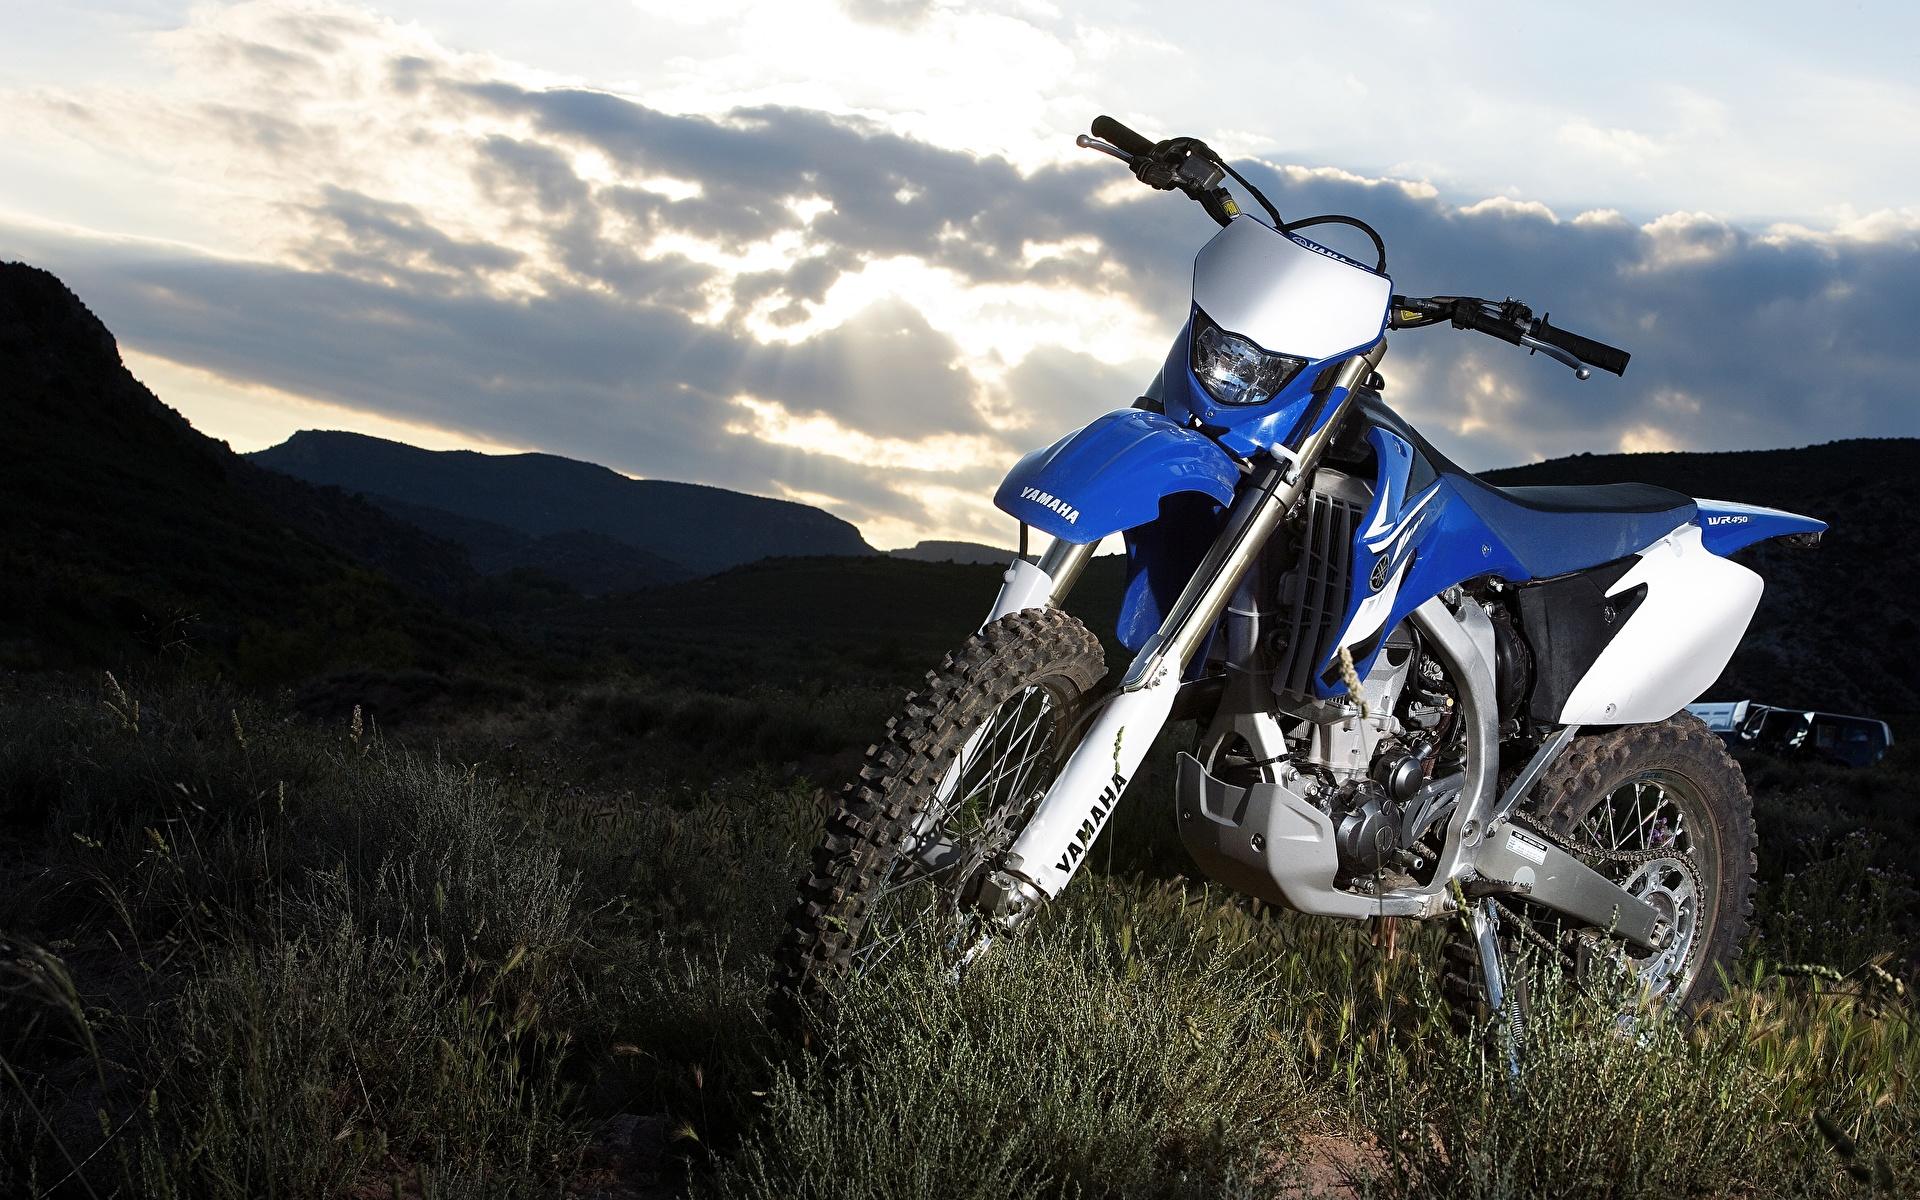 Картинки Ямаха 2007-10 WR450F мотоцикл 1920x1200 Yamaha Мотоциклы